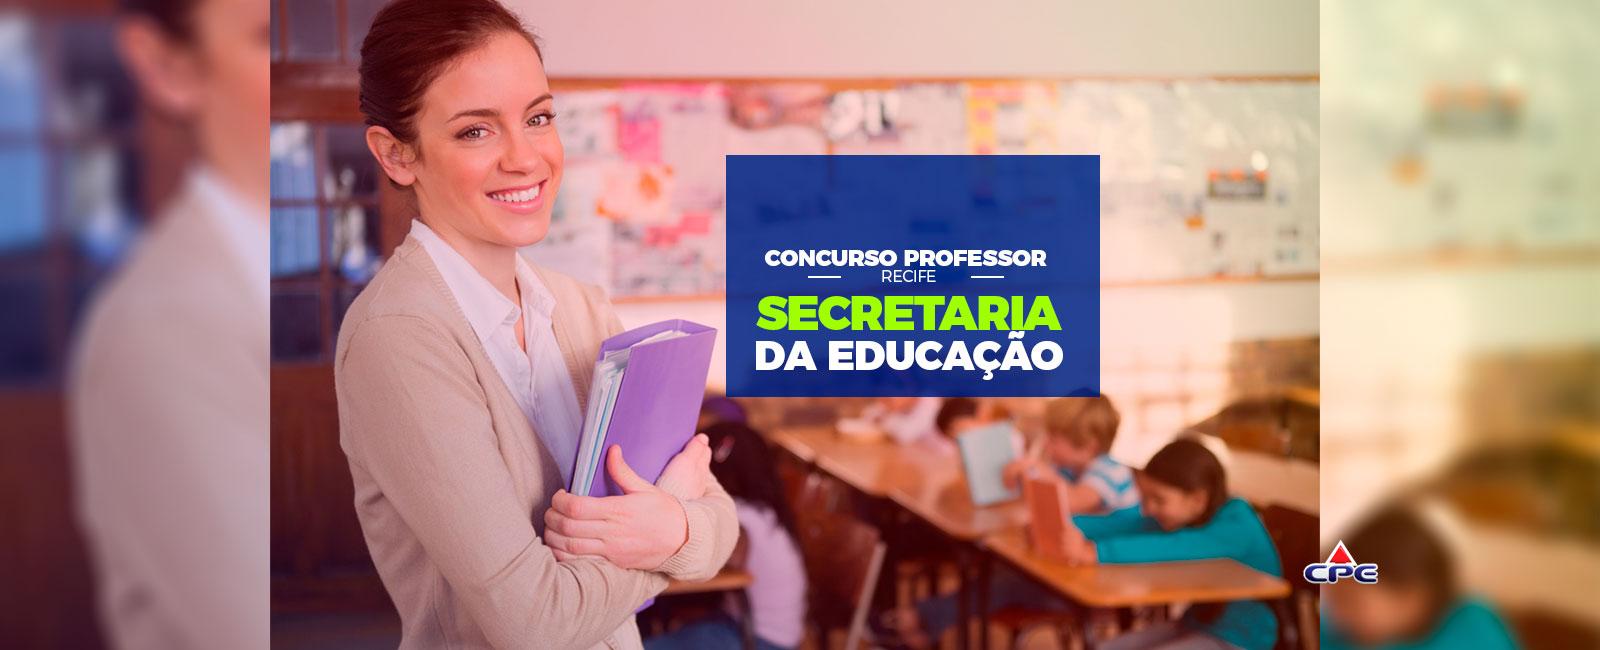 professores-sec-educacao